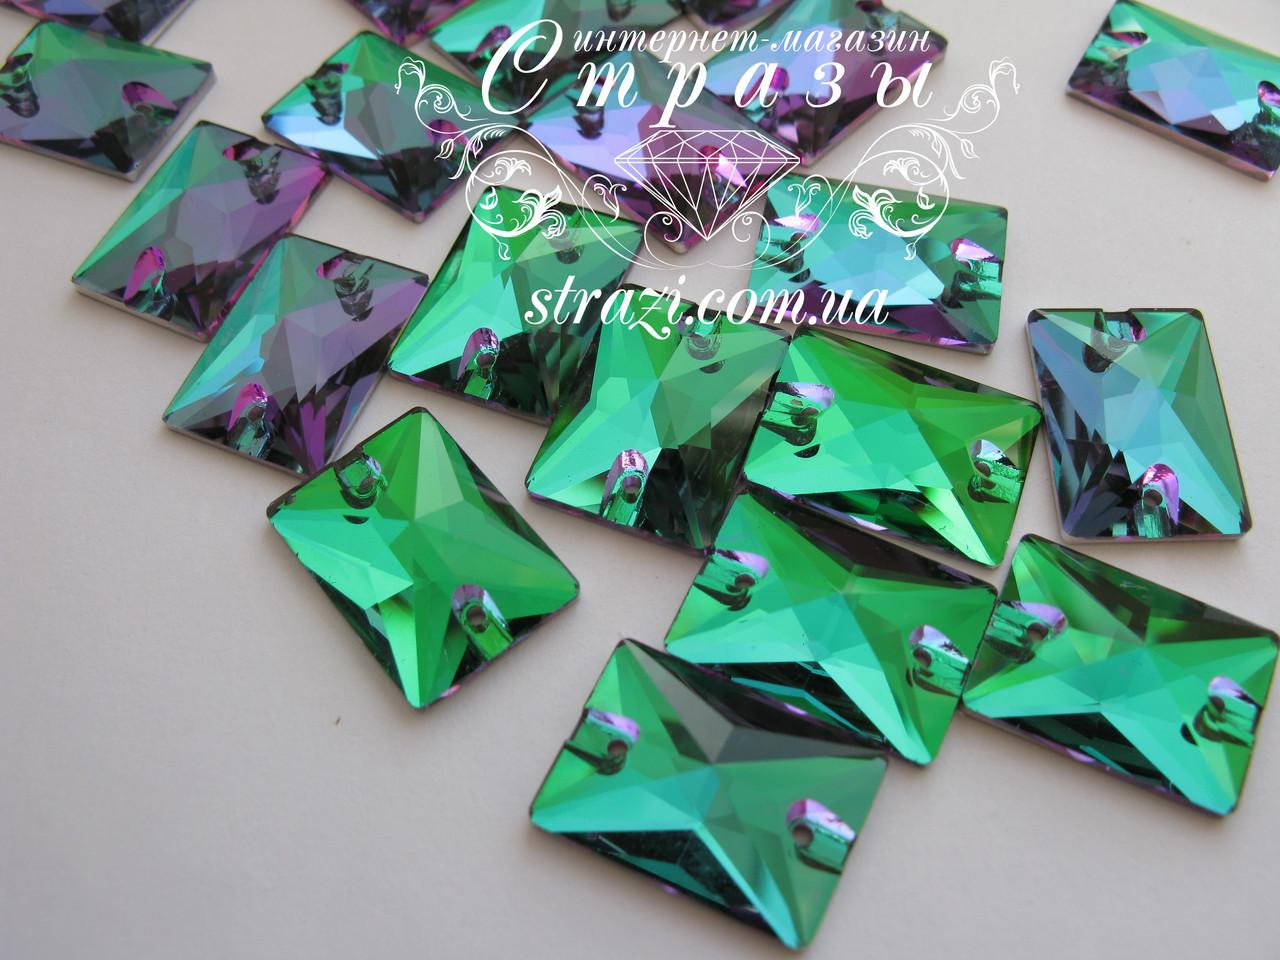 Стразы пришивные Lux Прямоугольник 13*18мм. Emerald